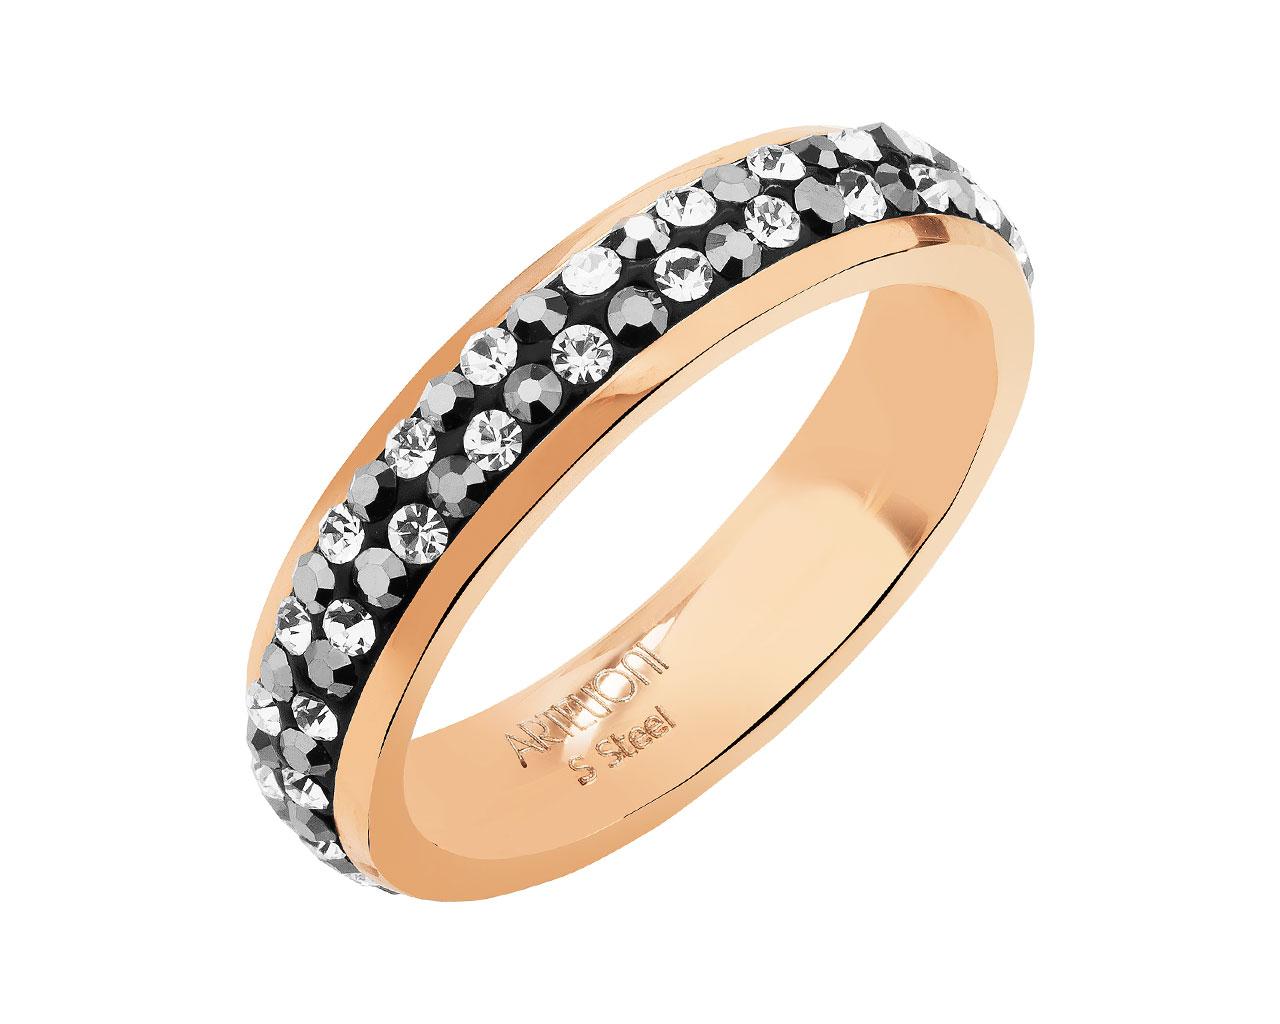 929ef5056da7c7 Pierścionek ze stali szlachetnej z kryształami / Artelioni